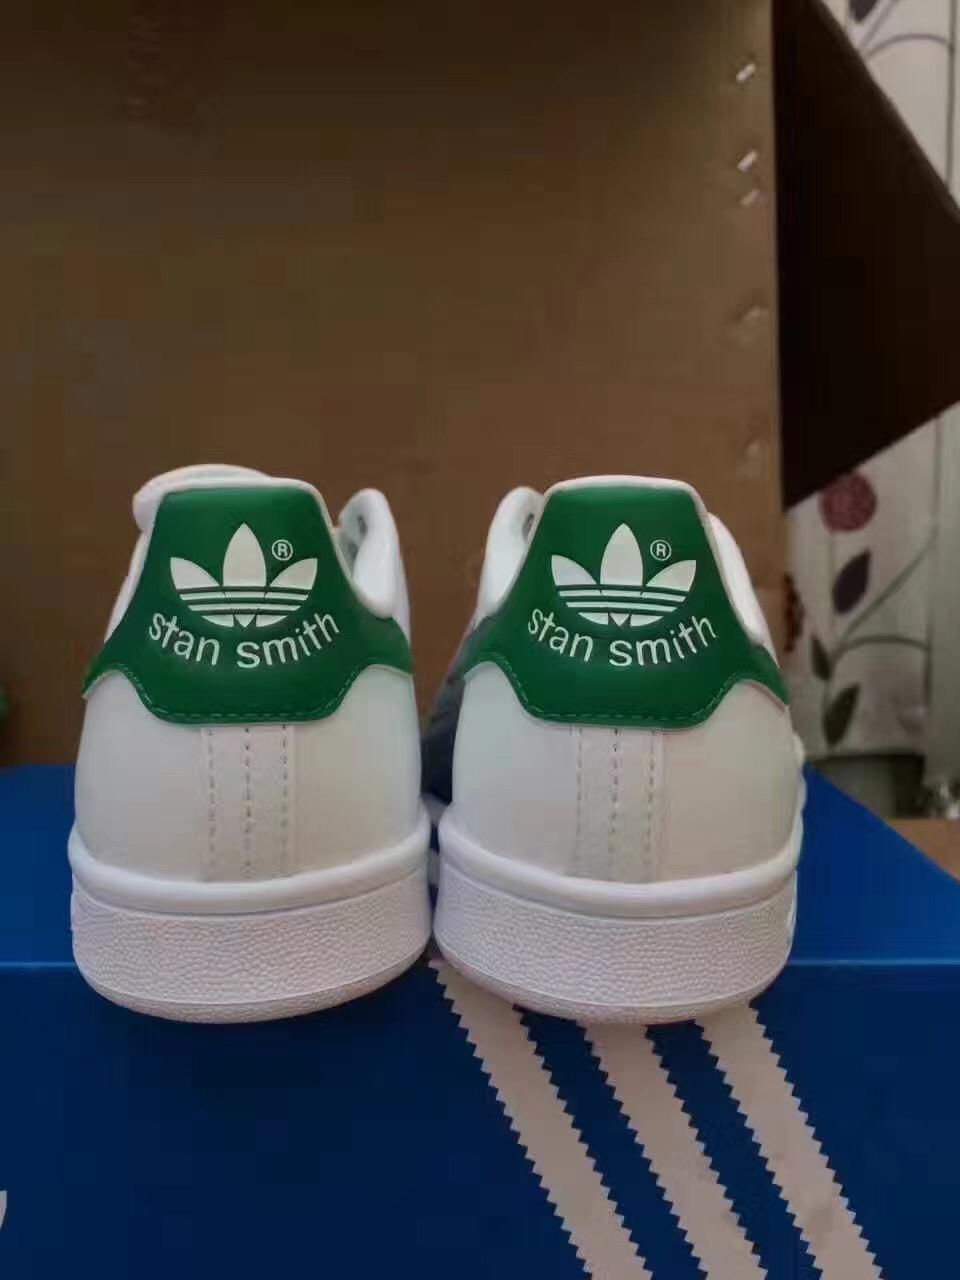 Vereinigtes königreich - Adidas STANSMITH Grüne schwanz Weiße schuhe M20605